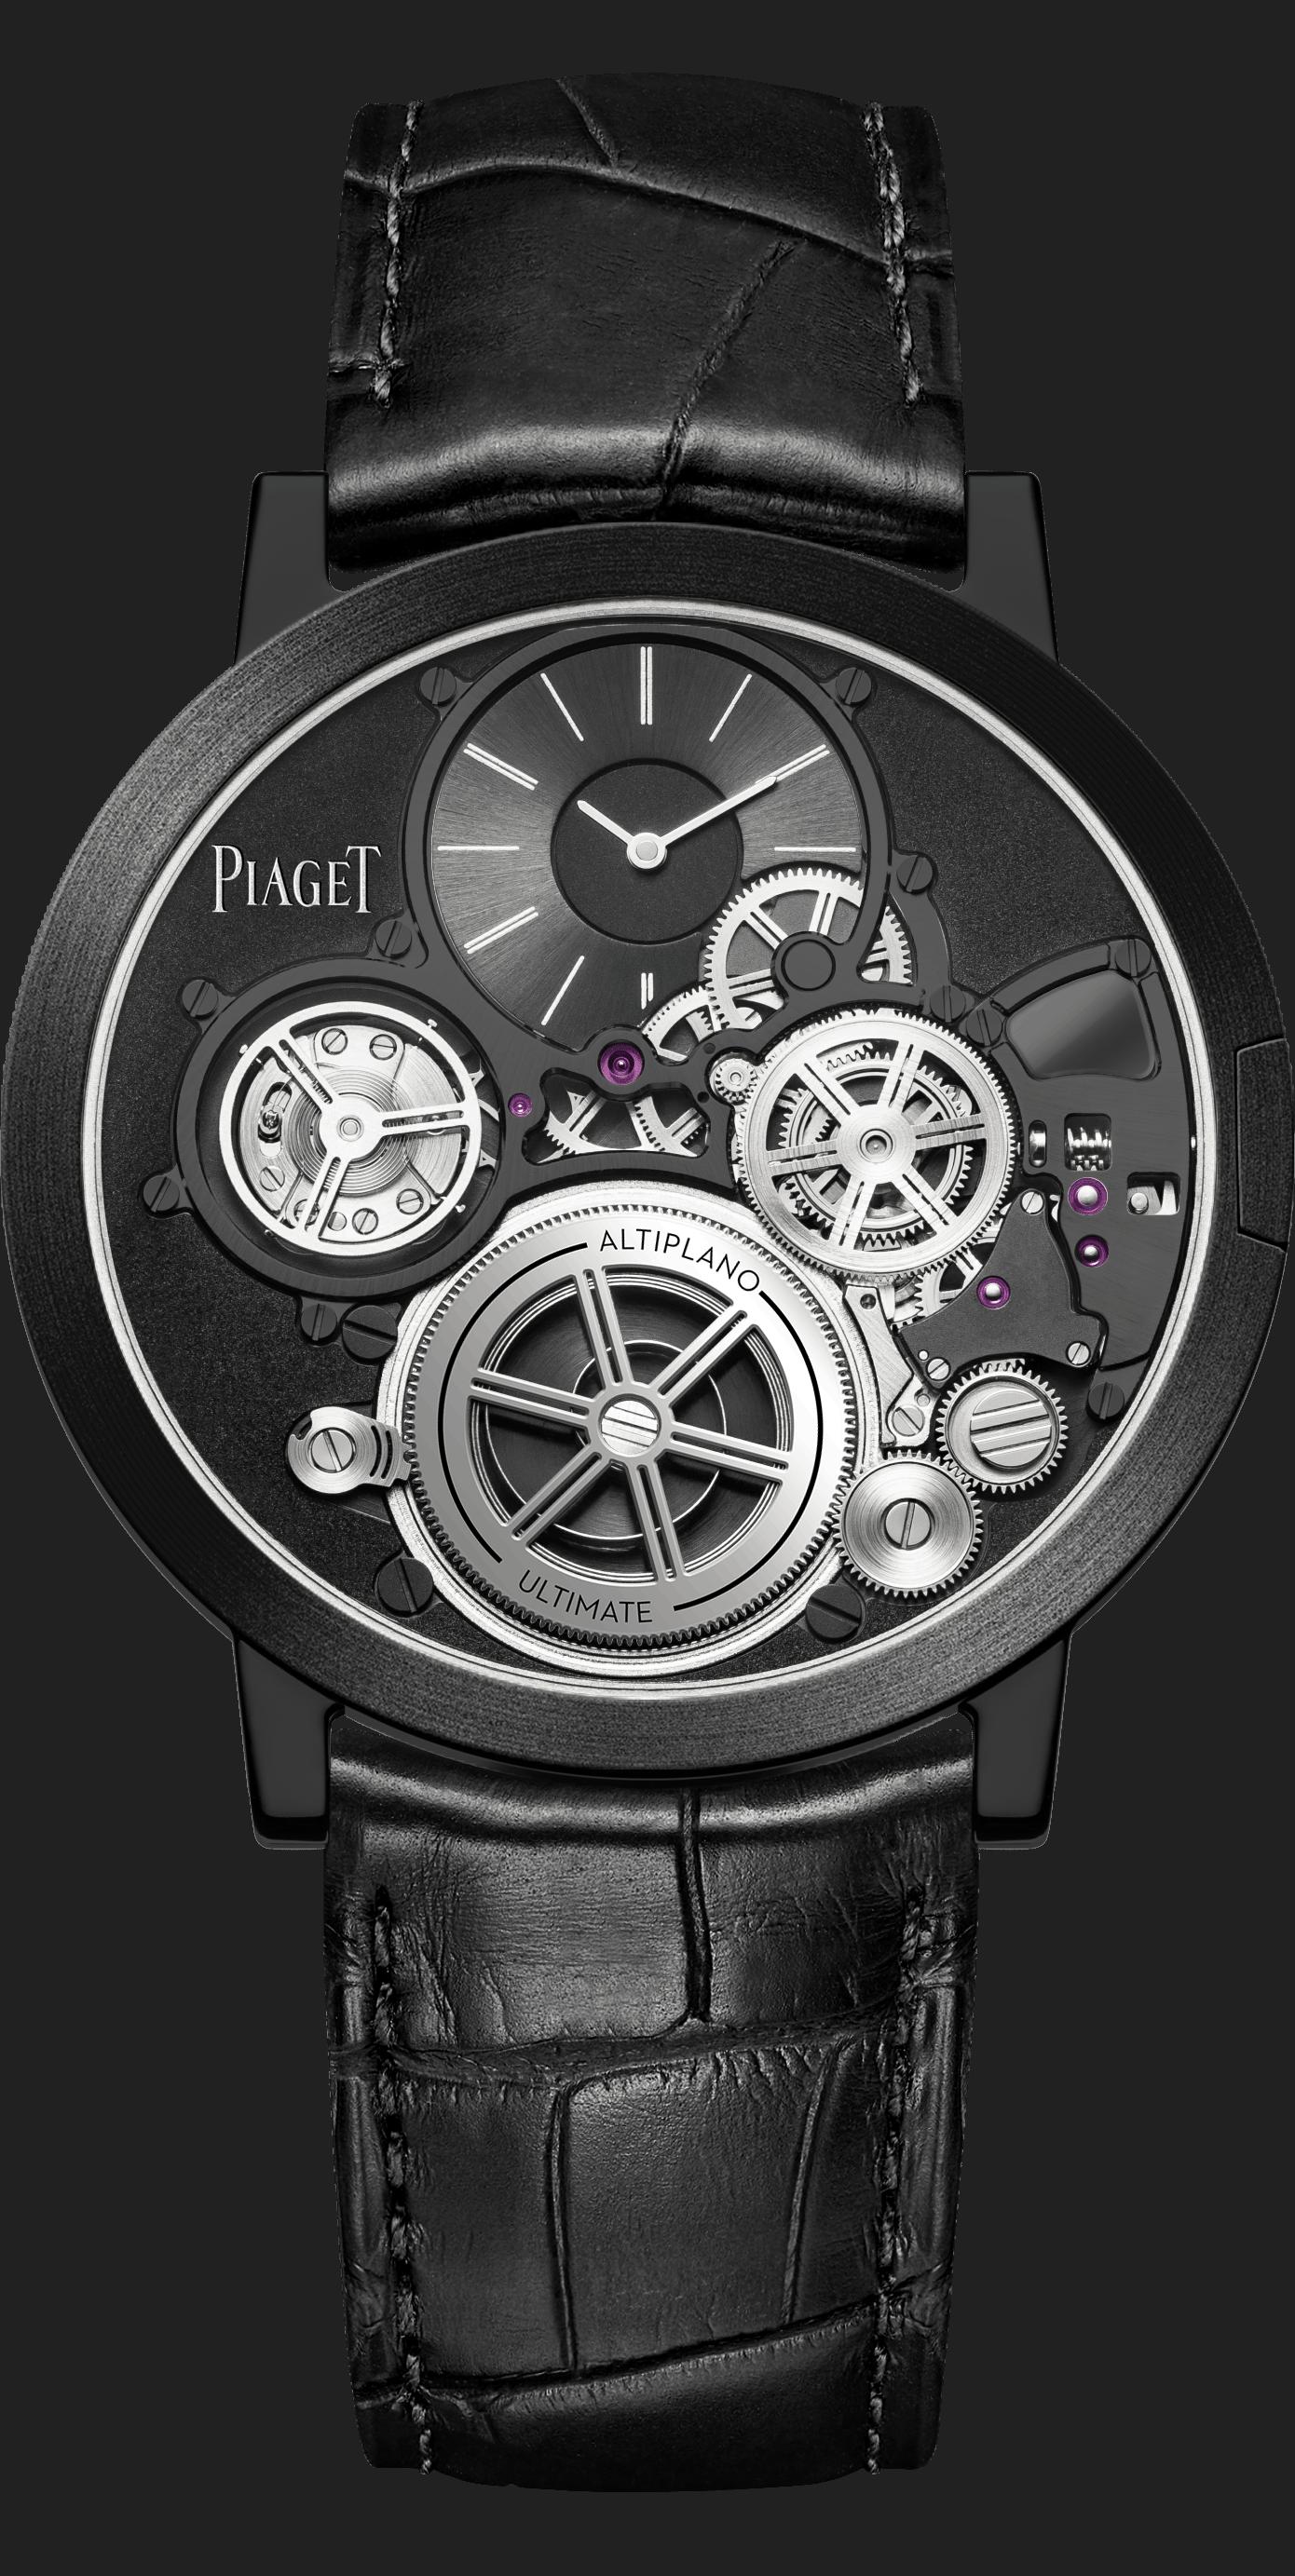 """In Schwarz und PVD beschichtet - Piaget """"Altiplano Ultimate Concept"""", Referenz G0A45500"""